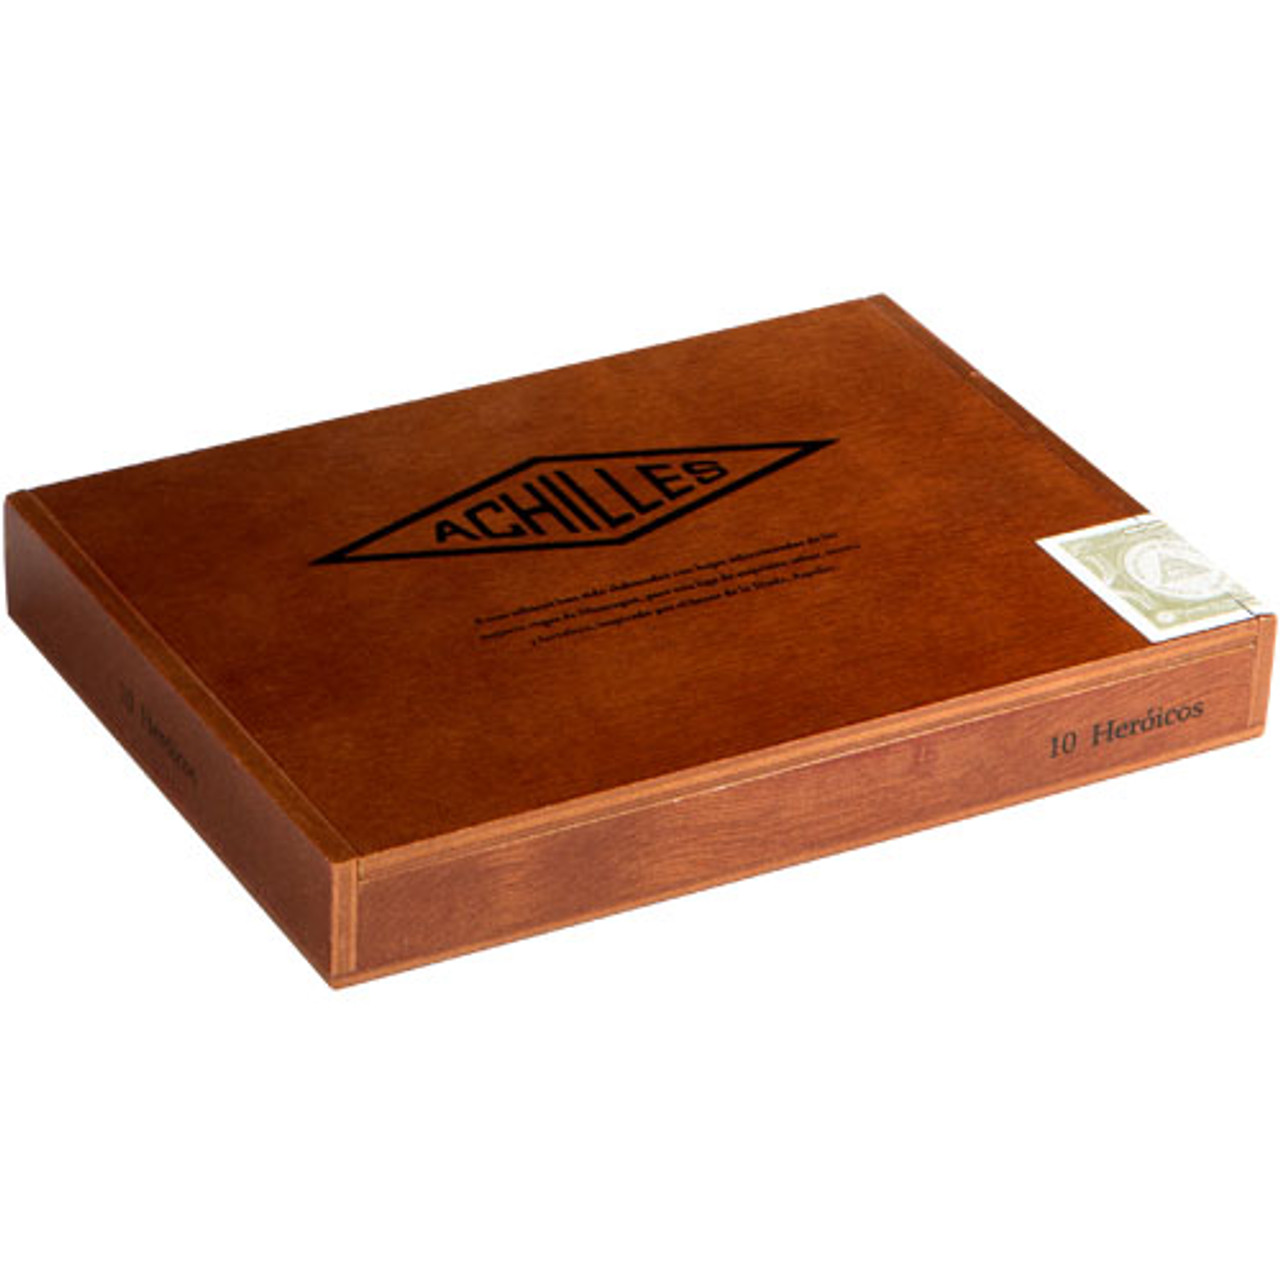 Curivari Achilles Mirmidones 52 Cigars - 5 x 52 (Box of 10)